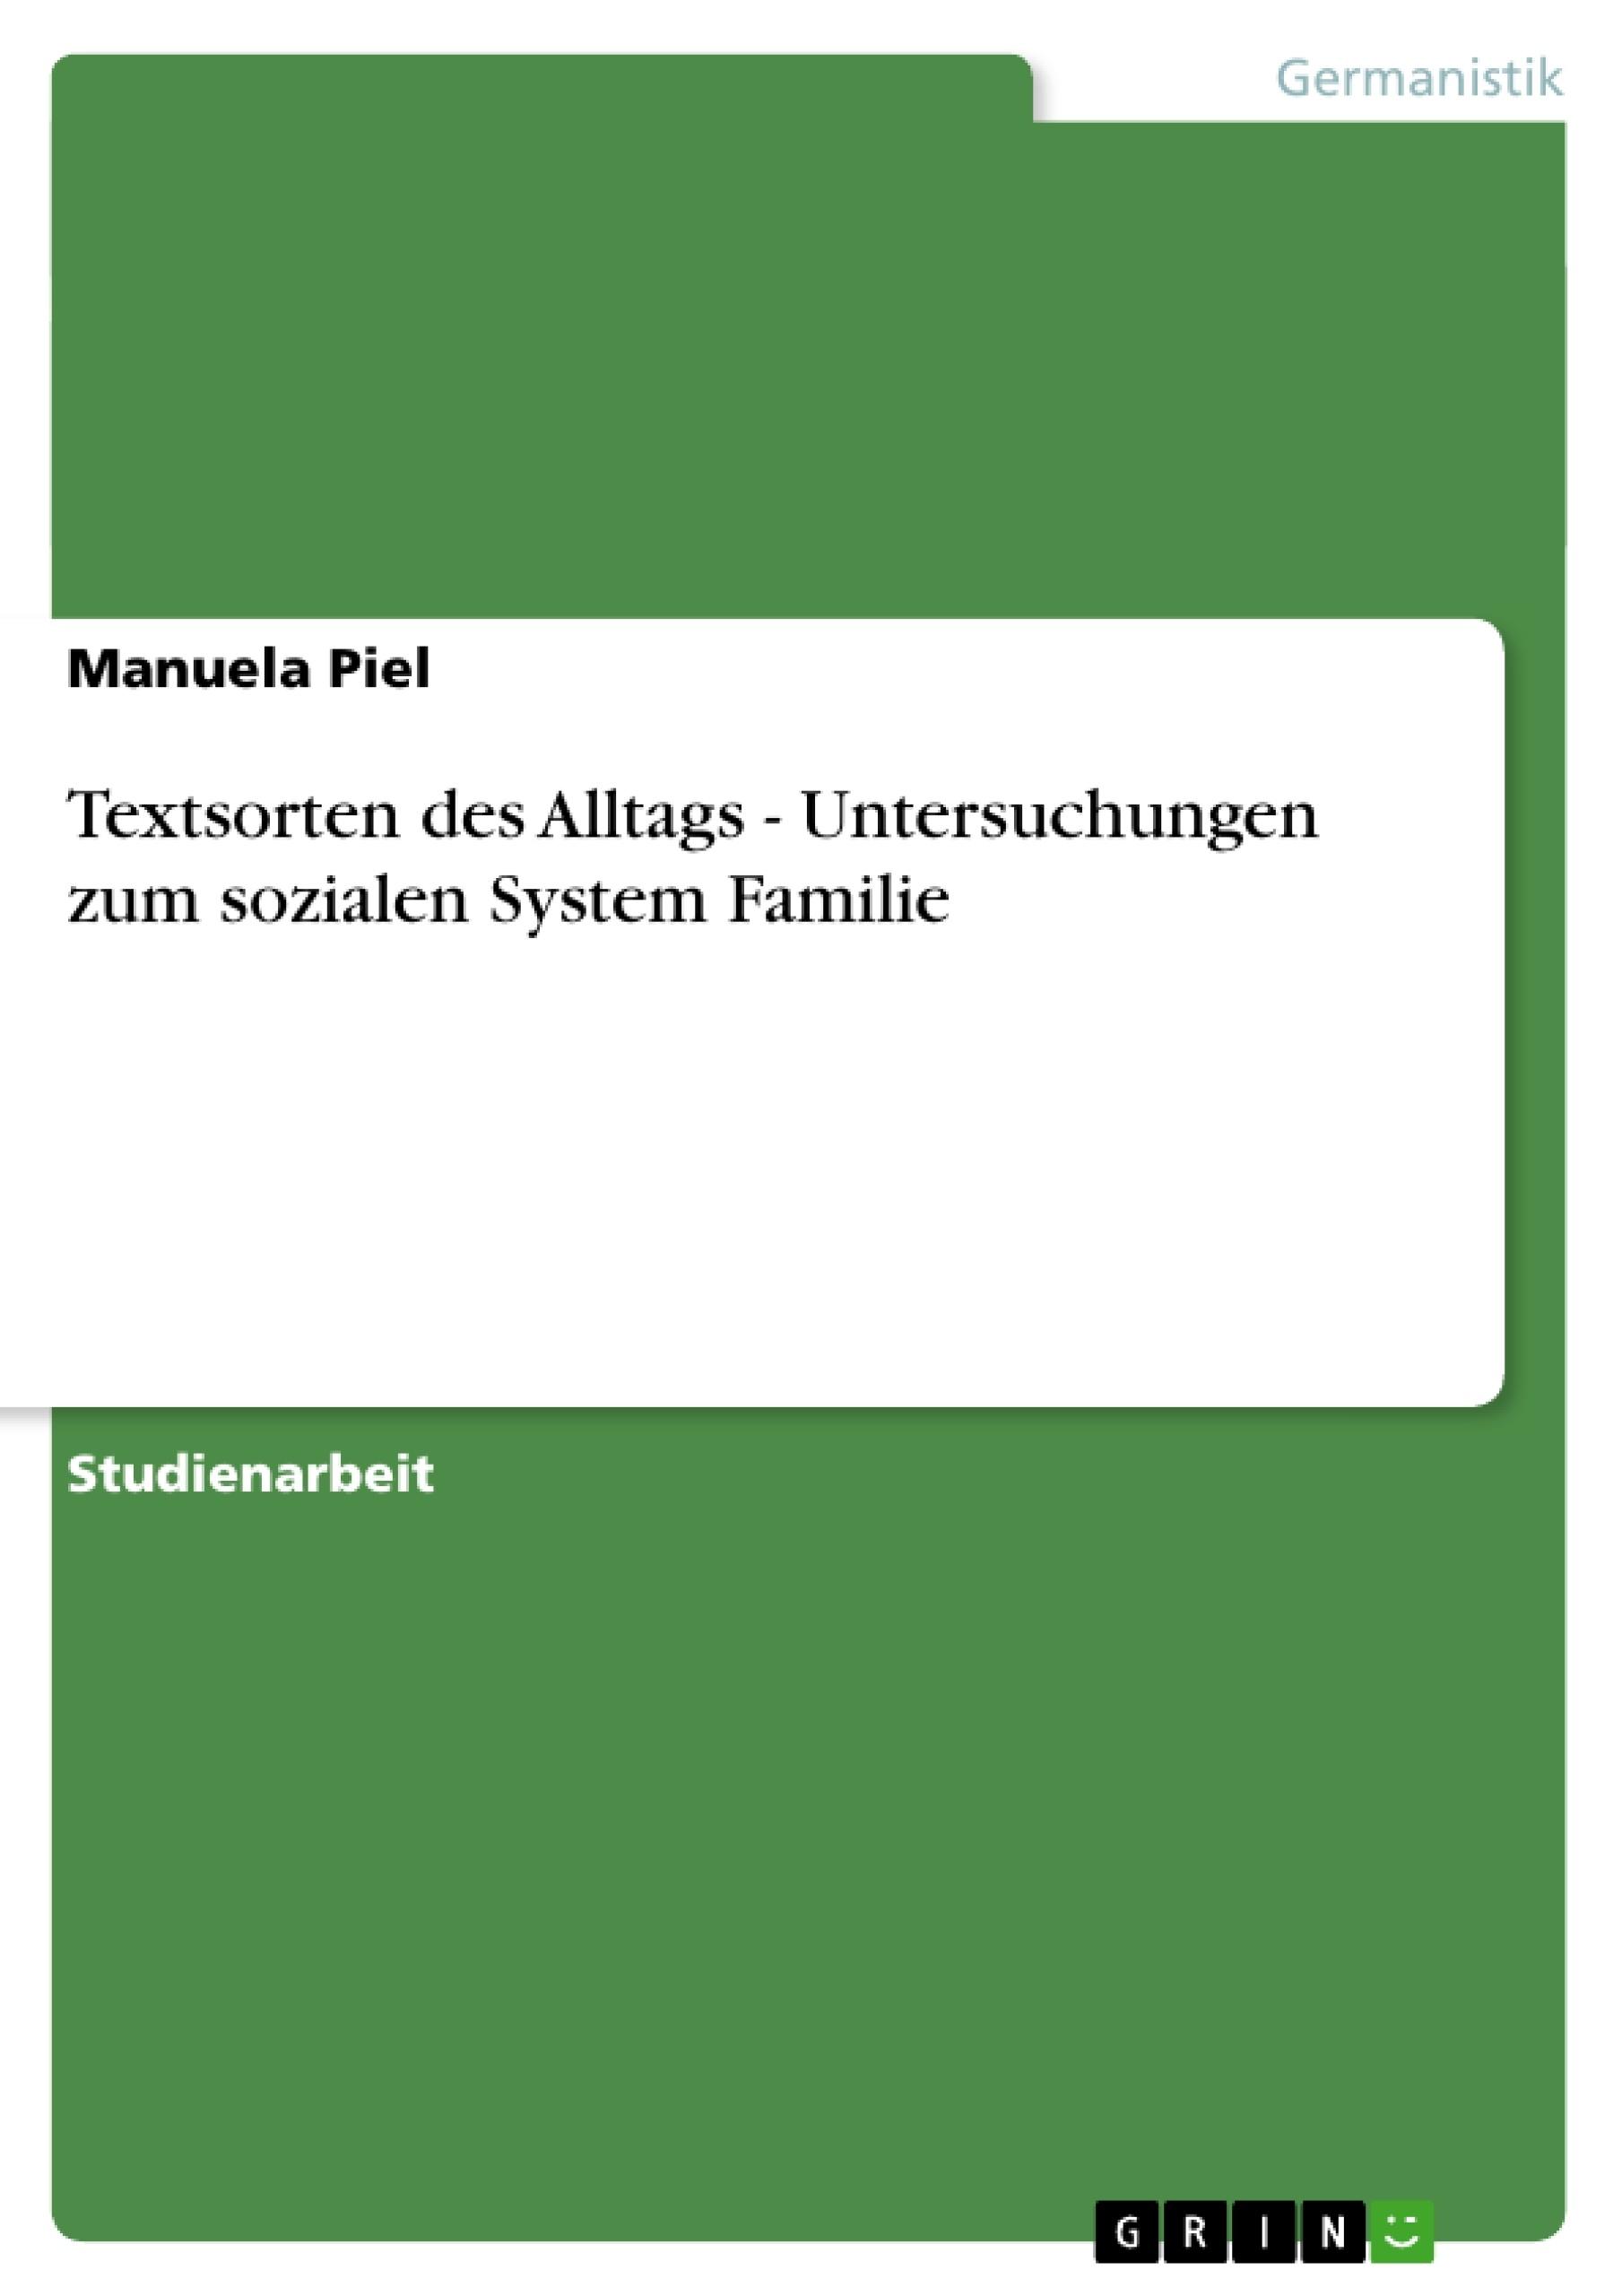 Titel: Textsorten des Alltags - Untersuchungen zum sozialen System Familie